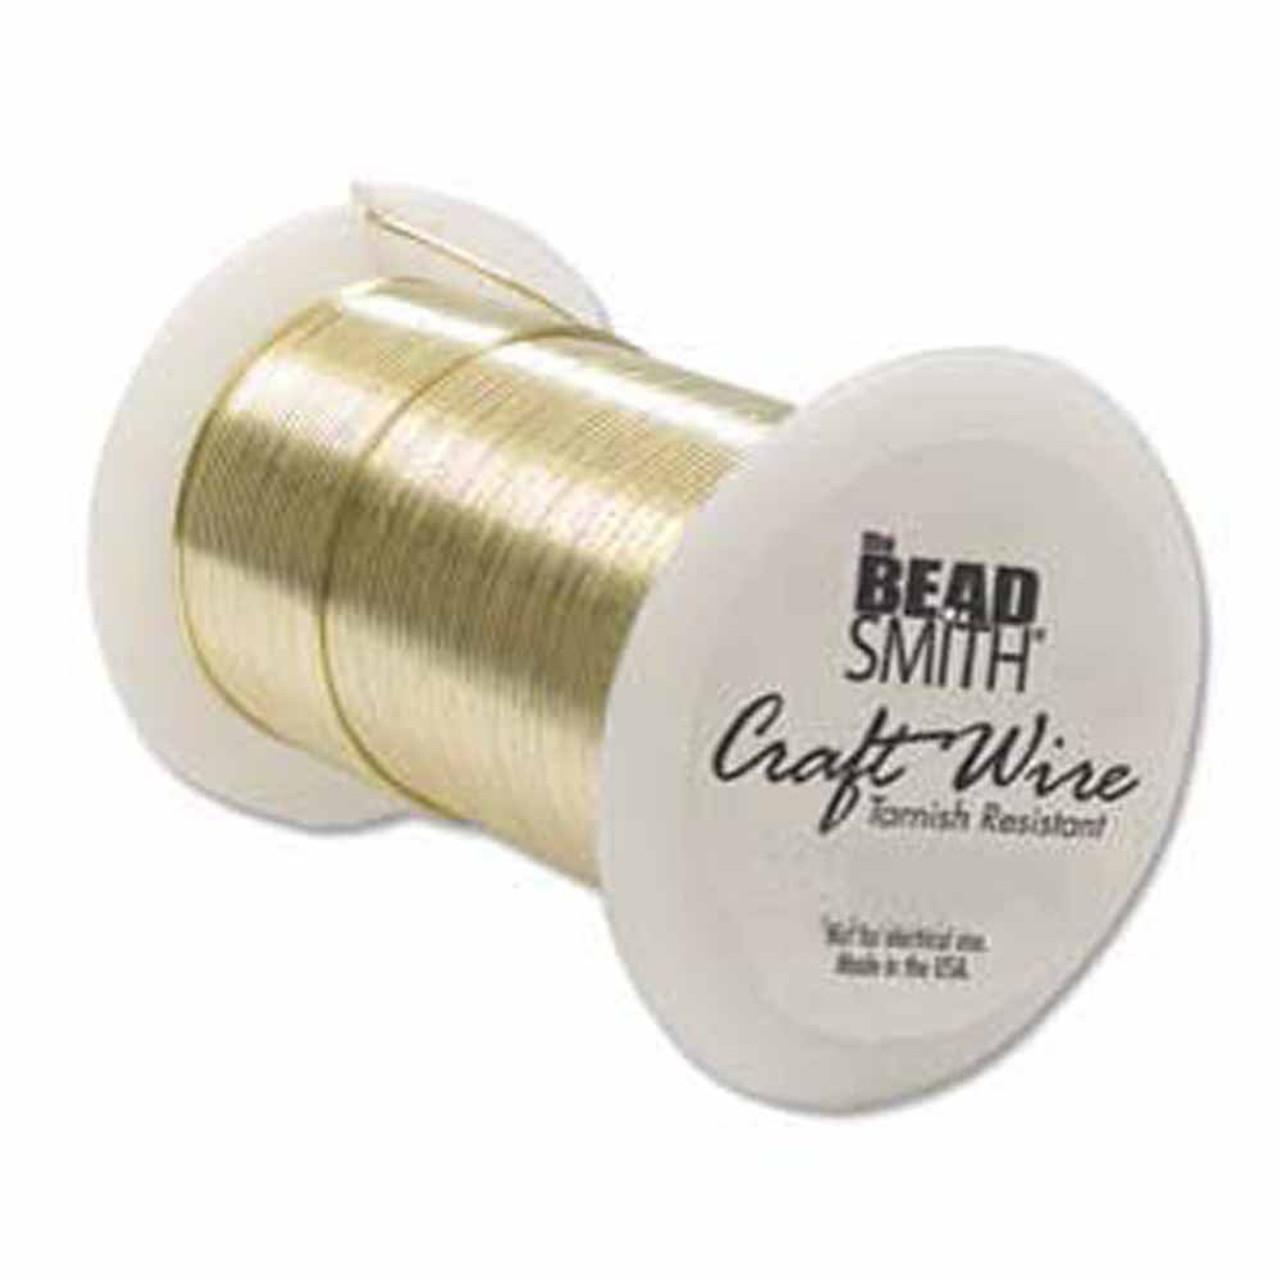 Beadsmith Craft Wire 22 Gauge Antique Copper Round Wire 15 Yards